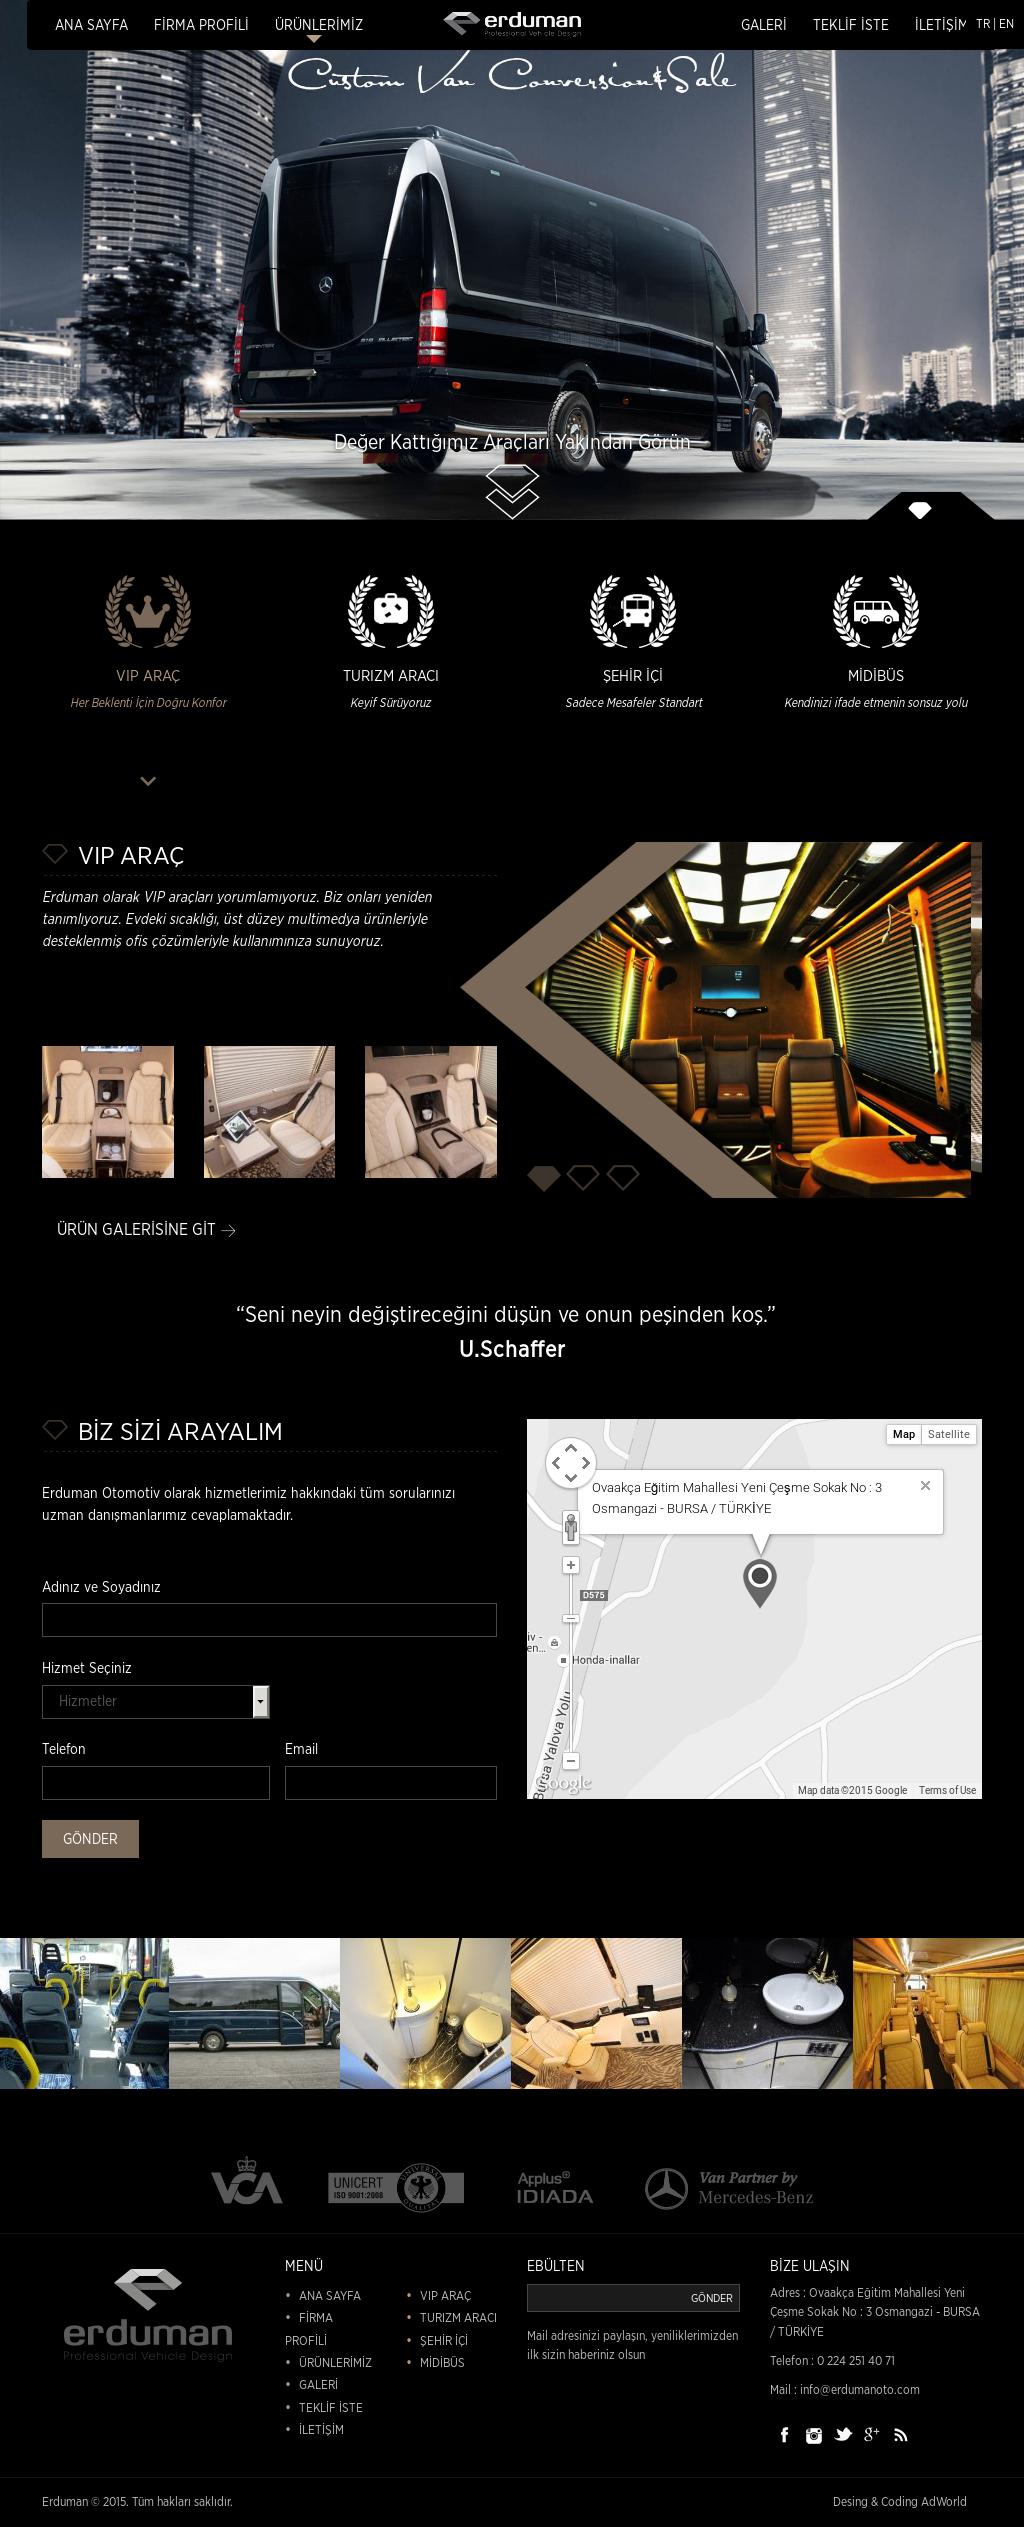 Erduman Automotive Van Conversion Competitors, Revenue and